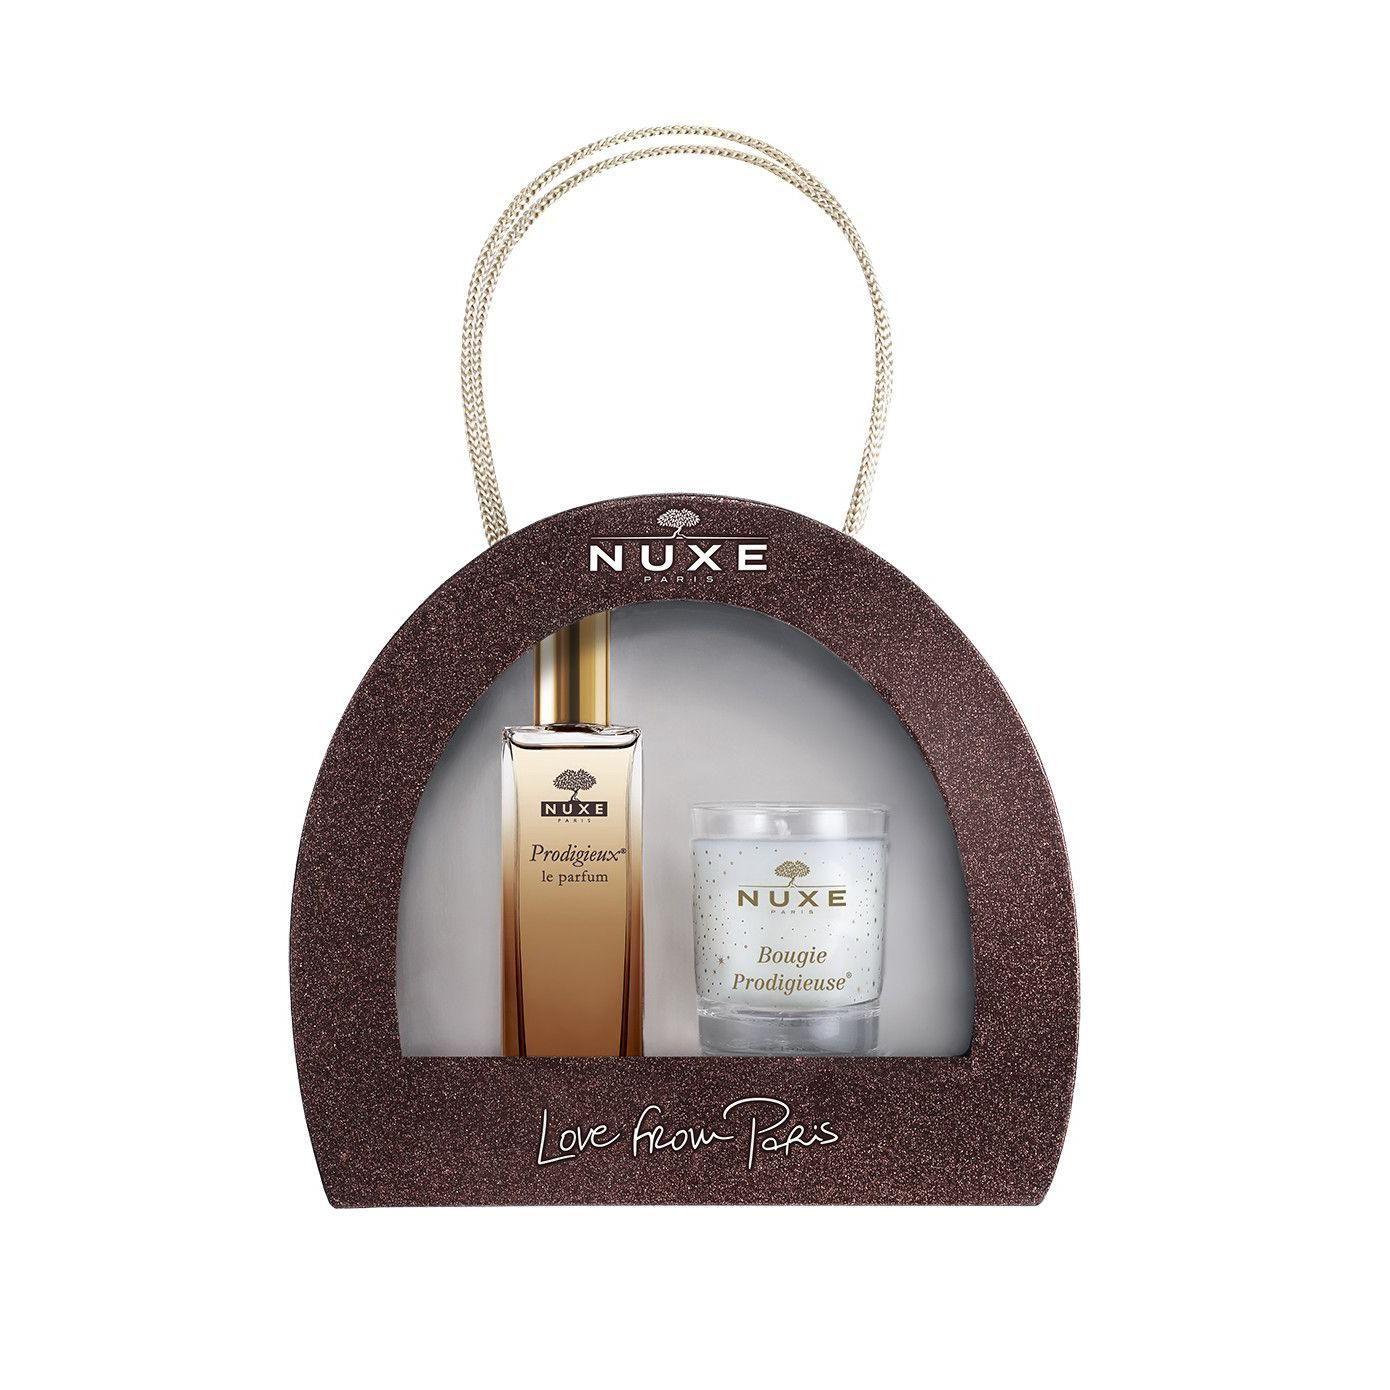 Nuxe Coffret le parfum Prodigieux